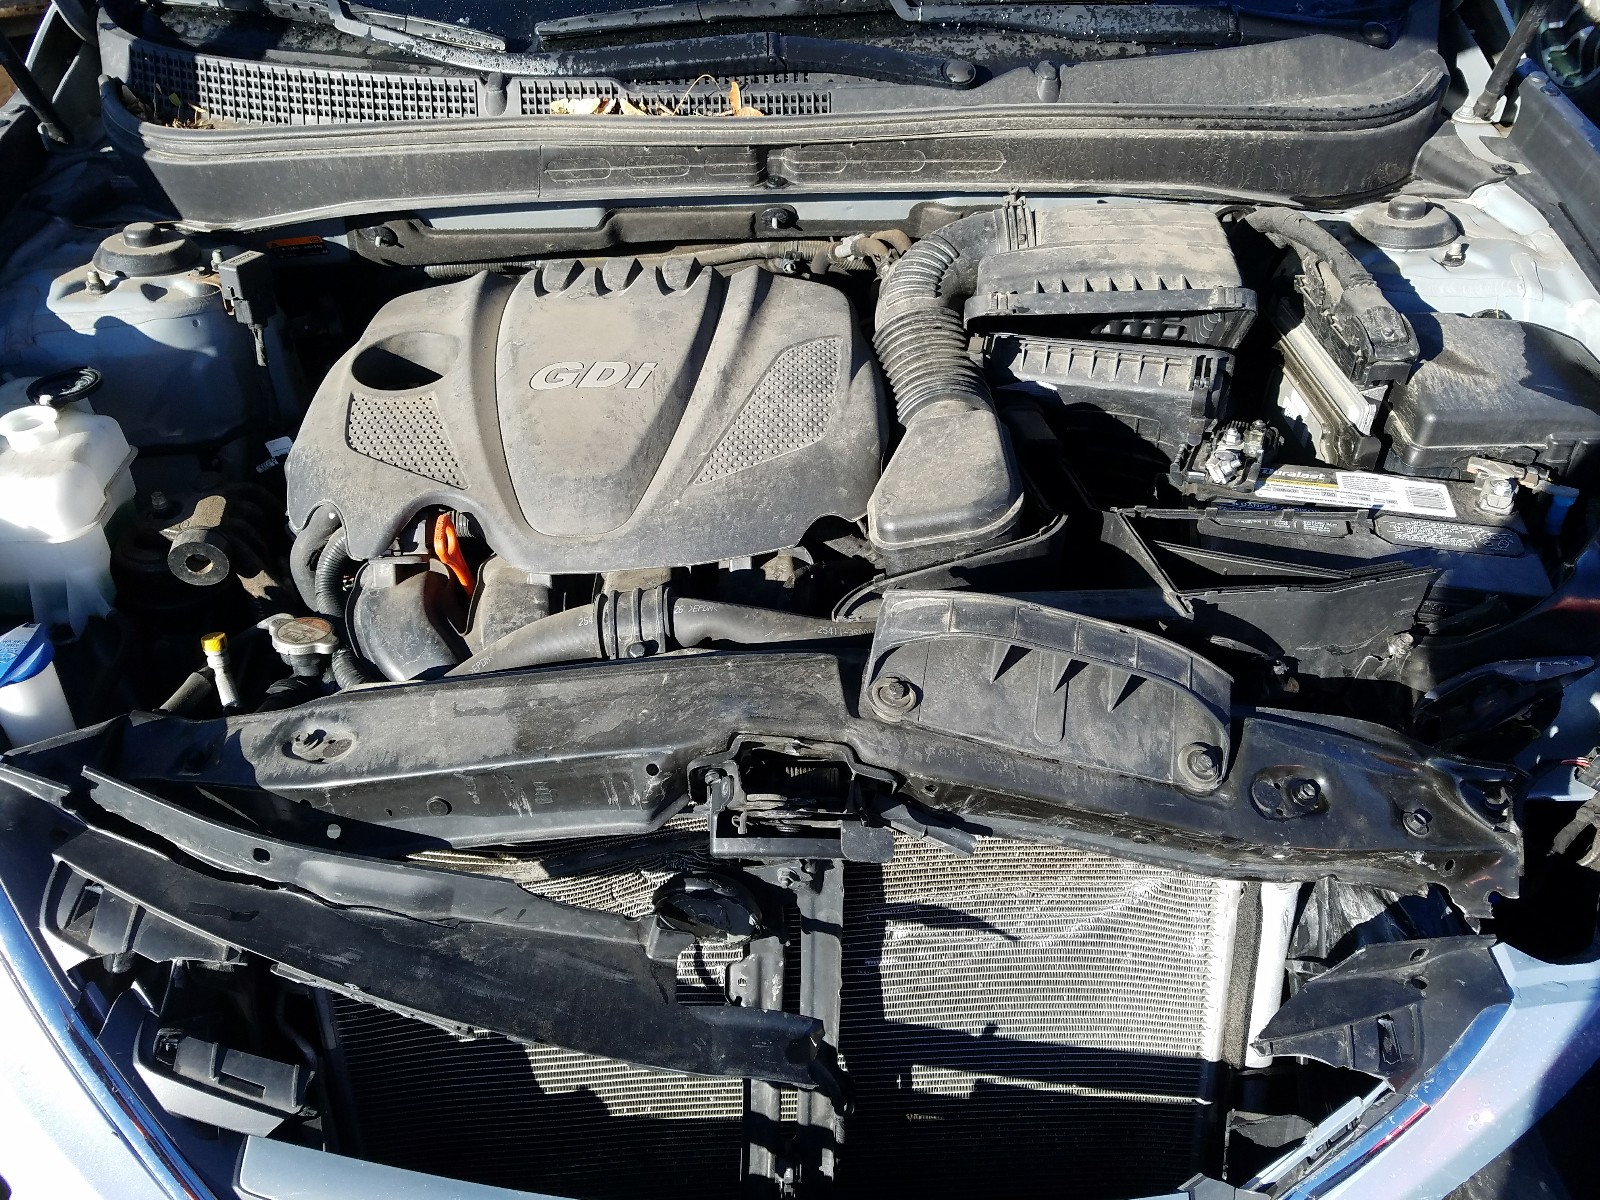 5NPEB4AC7EH889924 - 2014 Hyundai Sonata Gls 2.4L inside view